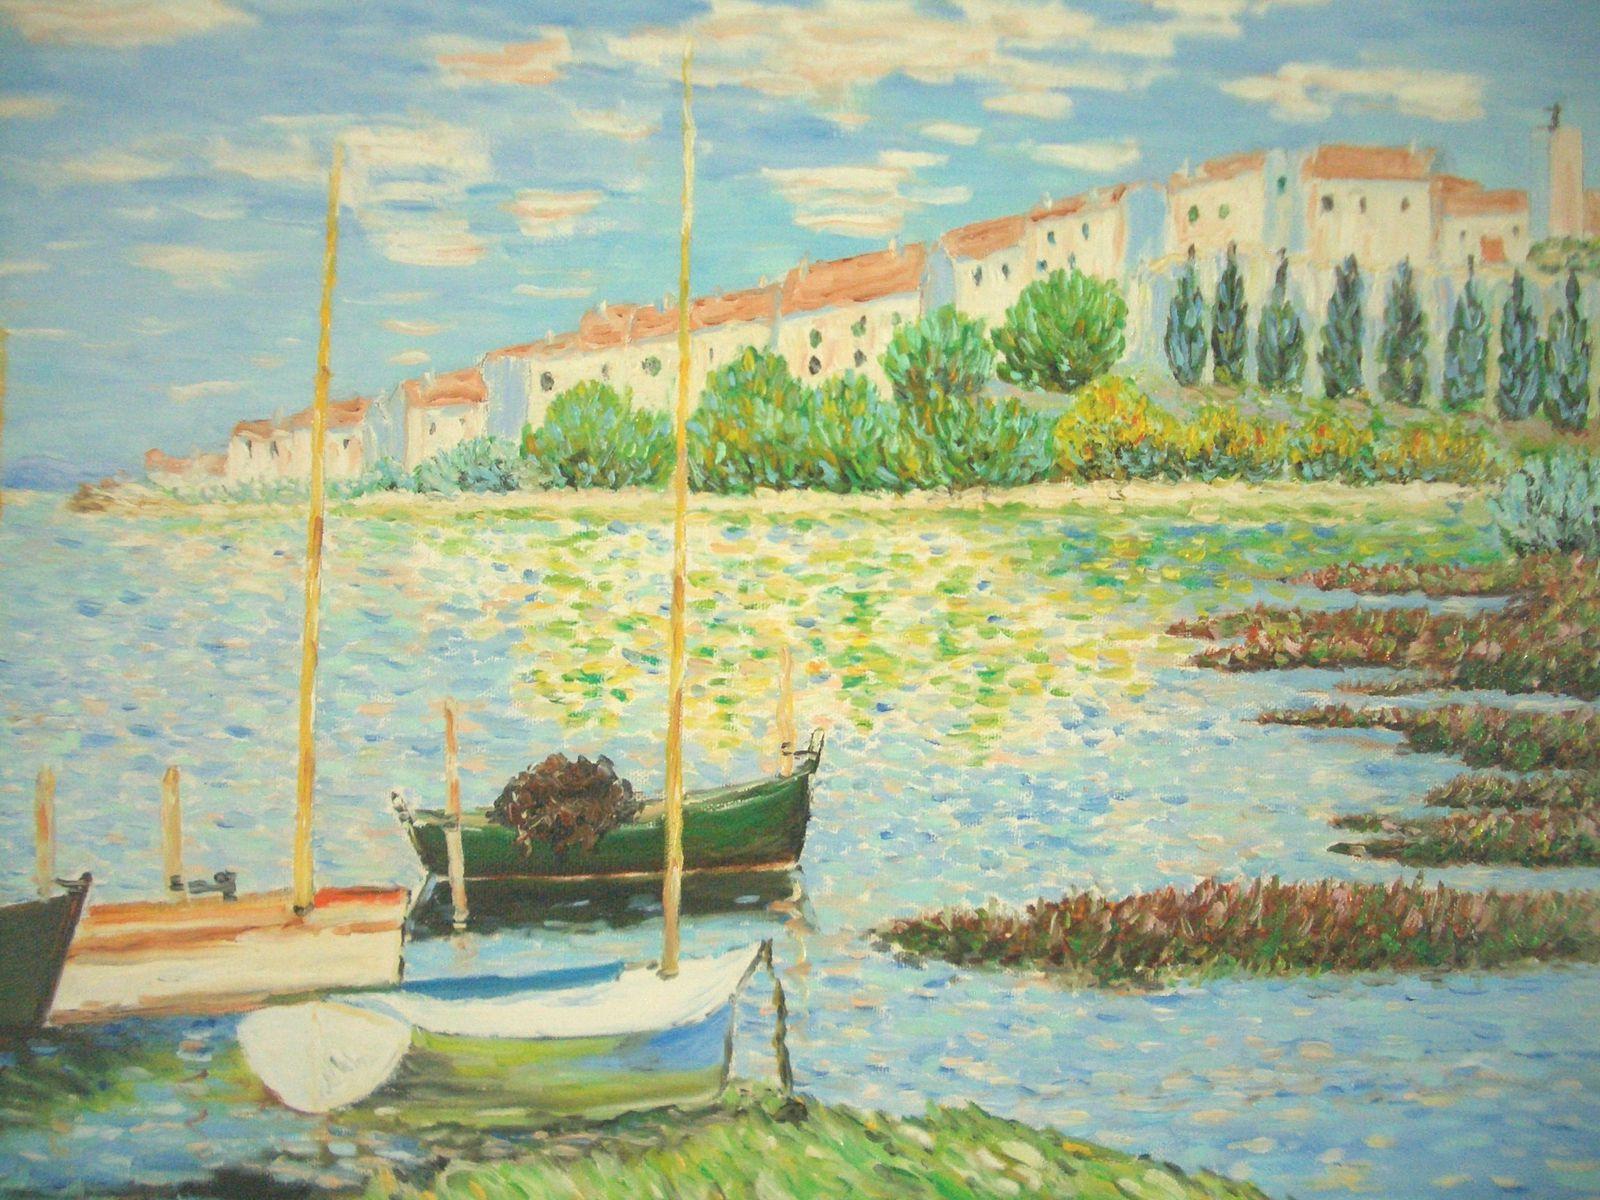 Gérard Forges, l'impressionniste de Port la Nouvelle : Les paysages de Languedoc-Roussillon avec leur lumière sublime, ses étangs et ses plages de la mer Méditerranée touchent constamment cet artiste peintre. Il y a bientôt trente ans, il a choisi le style de l'impressionnisme.